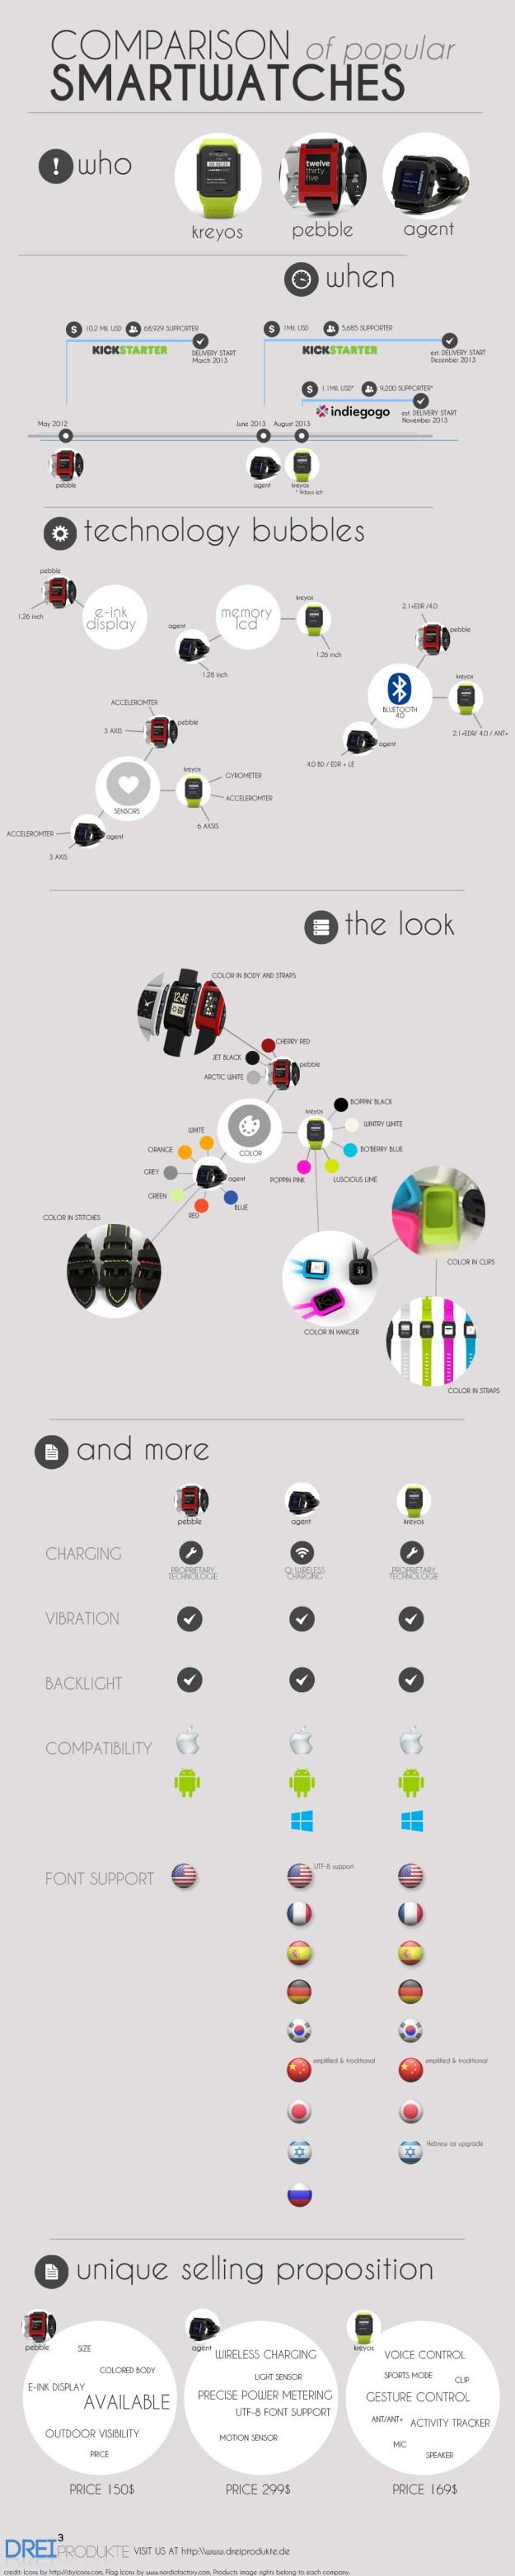 Kreyon_Meteor_Pebble_Agent_Comparison_Infographic